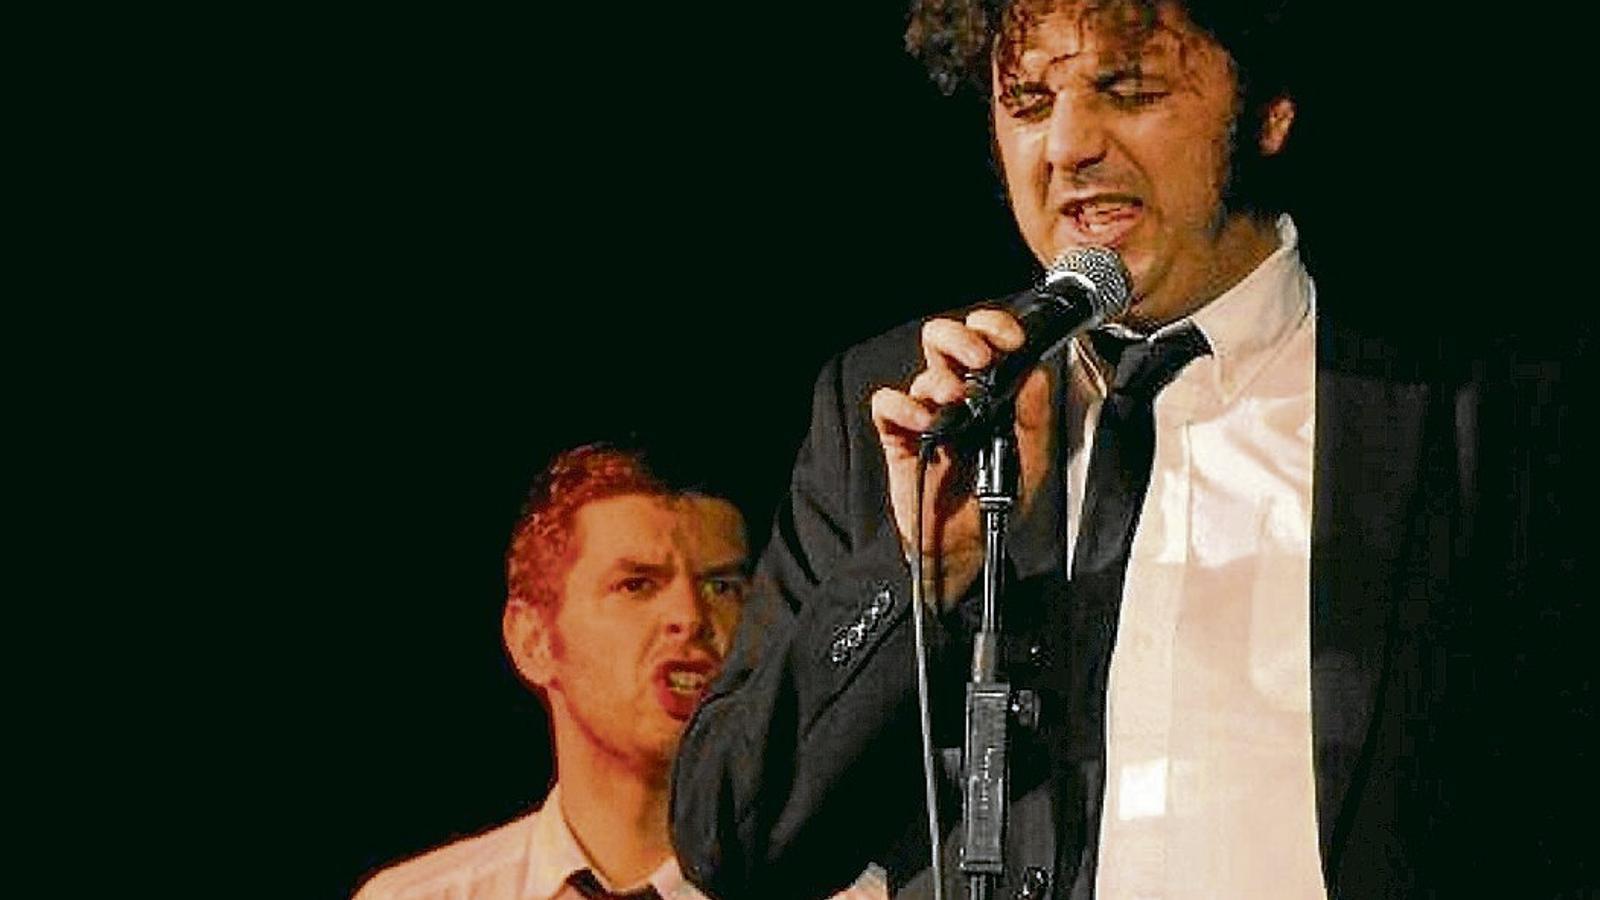 Andreu Van den Eynde, tocant la guitarra, i Oriol Fernàndez Massot, cantant, durant una actuació de President Blutarsky.